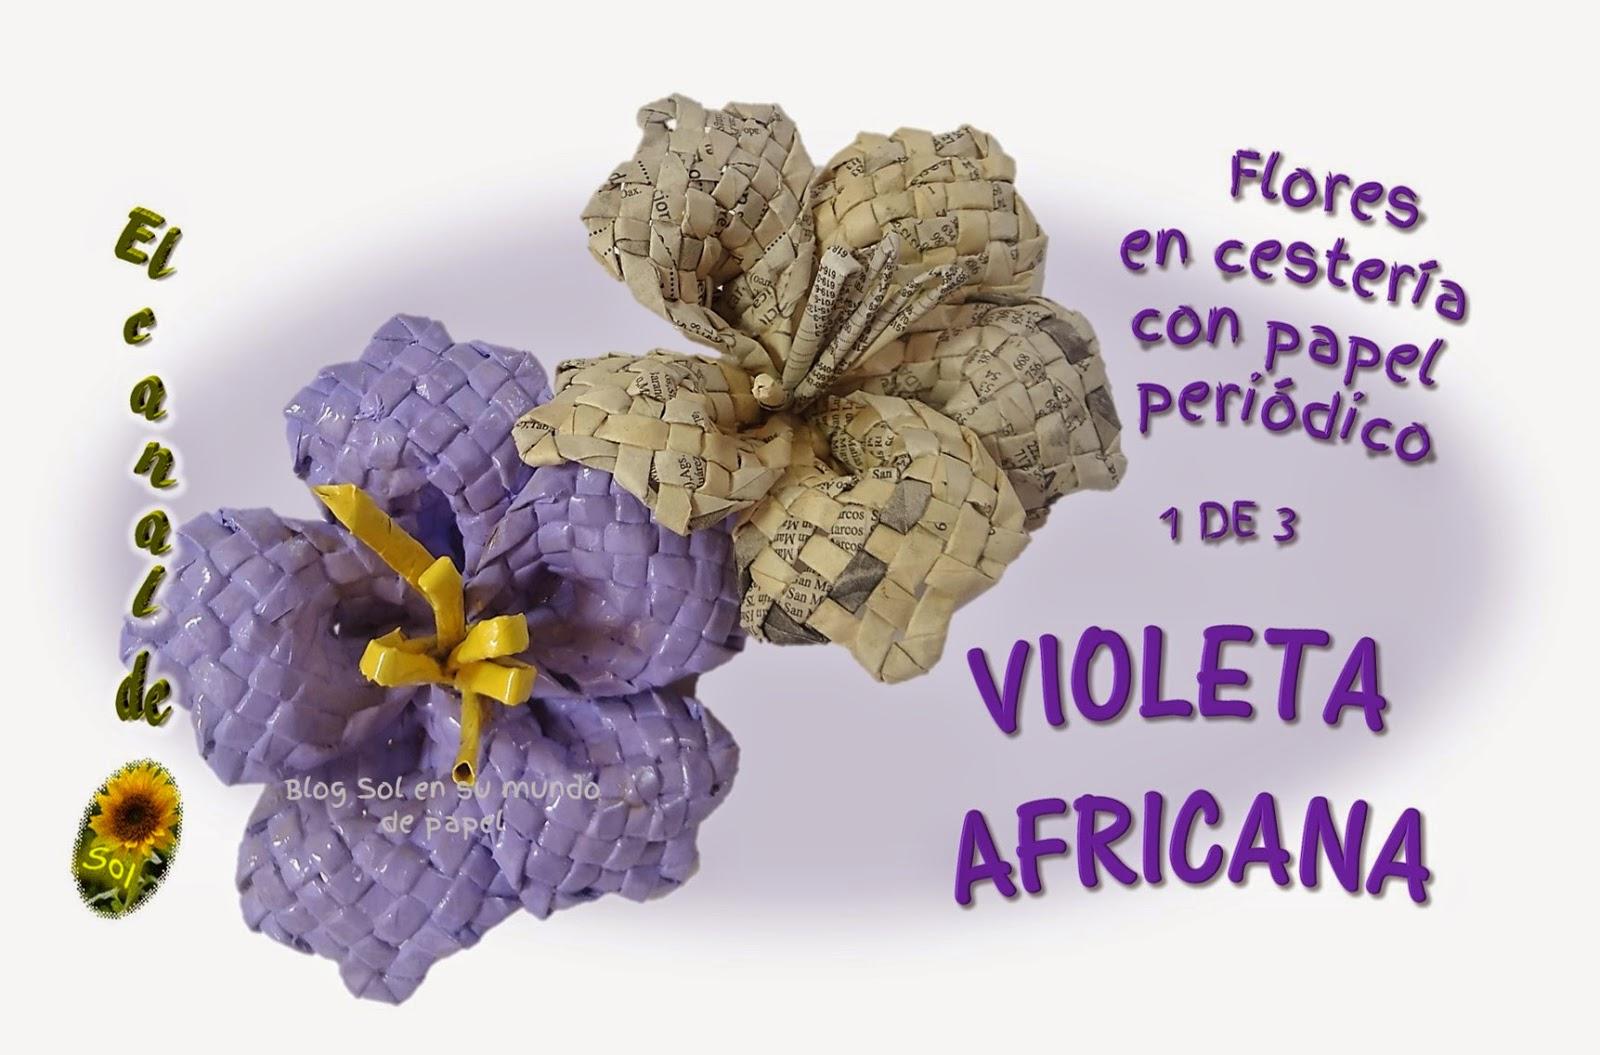 Flores en cesteria con papel peri dico violeta africana - Cesteria con papel periodico paso a paso ...